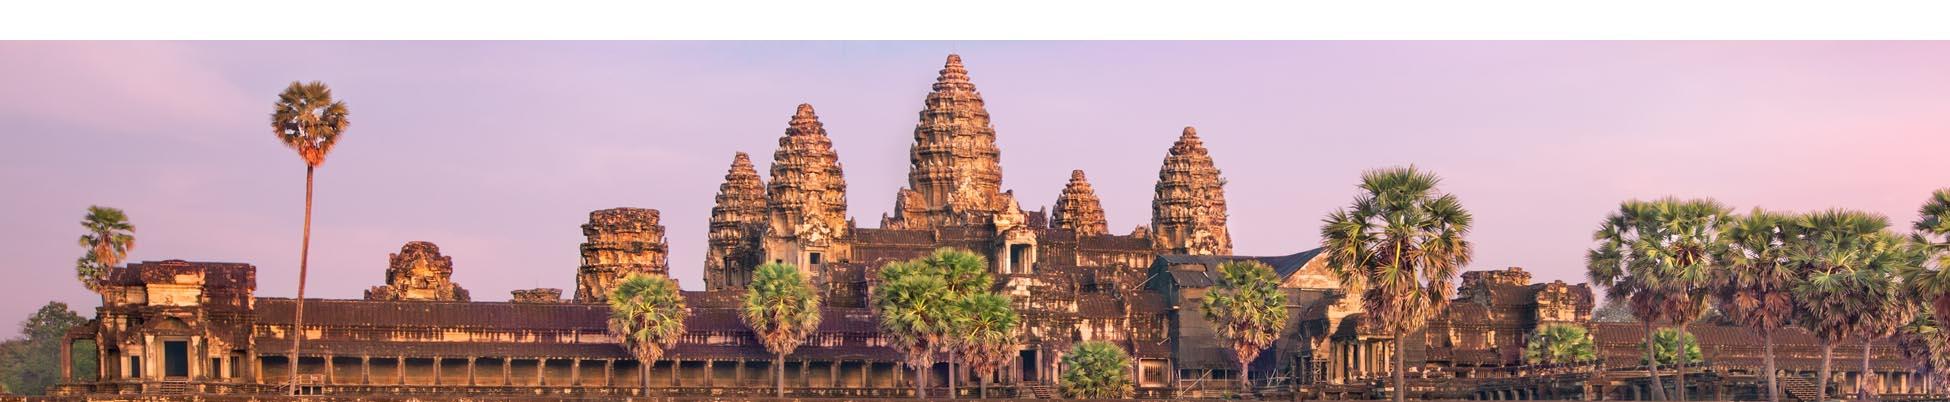 coucher de soleil angkor wat cambodge